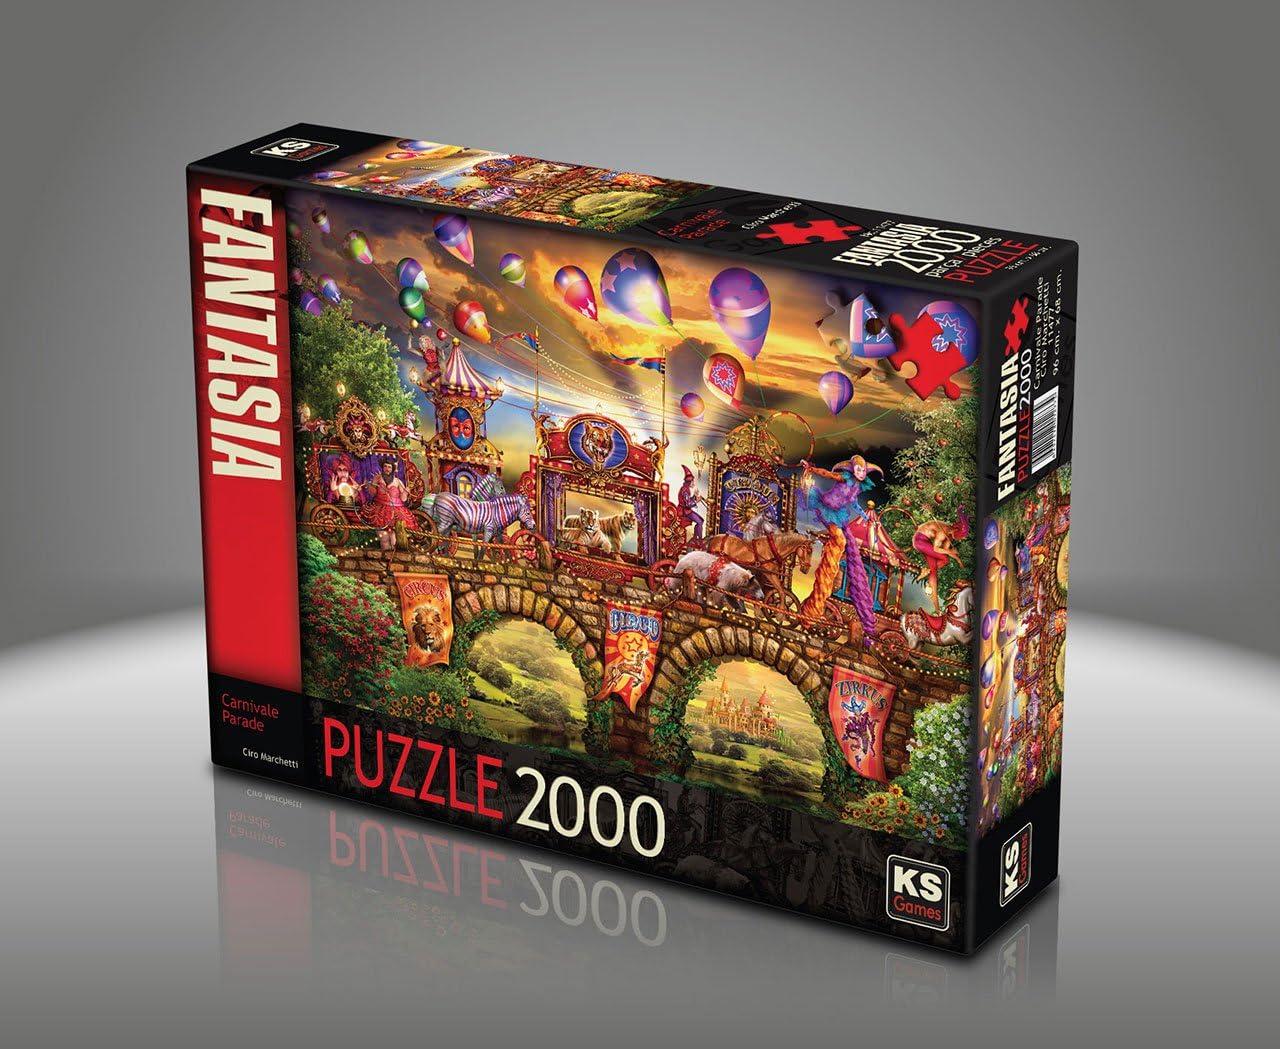 Puzzle de 2000 piezas – Ciro Marchetti: Carnival Parade: Amazon.es: Juguetes y juegos